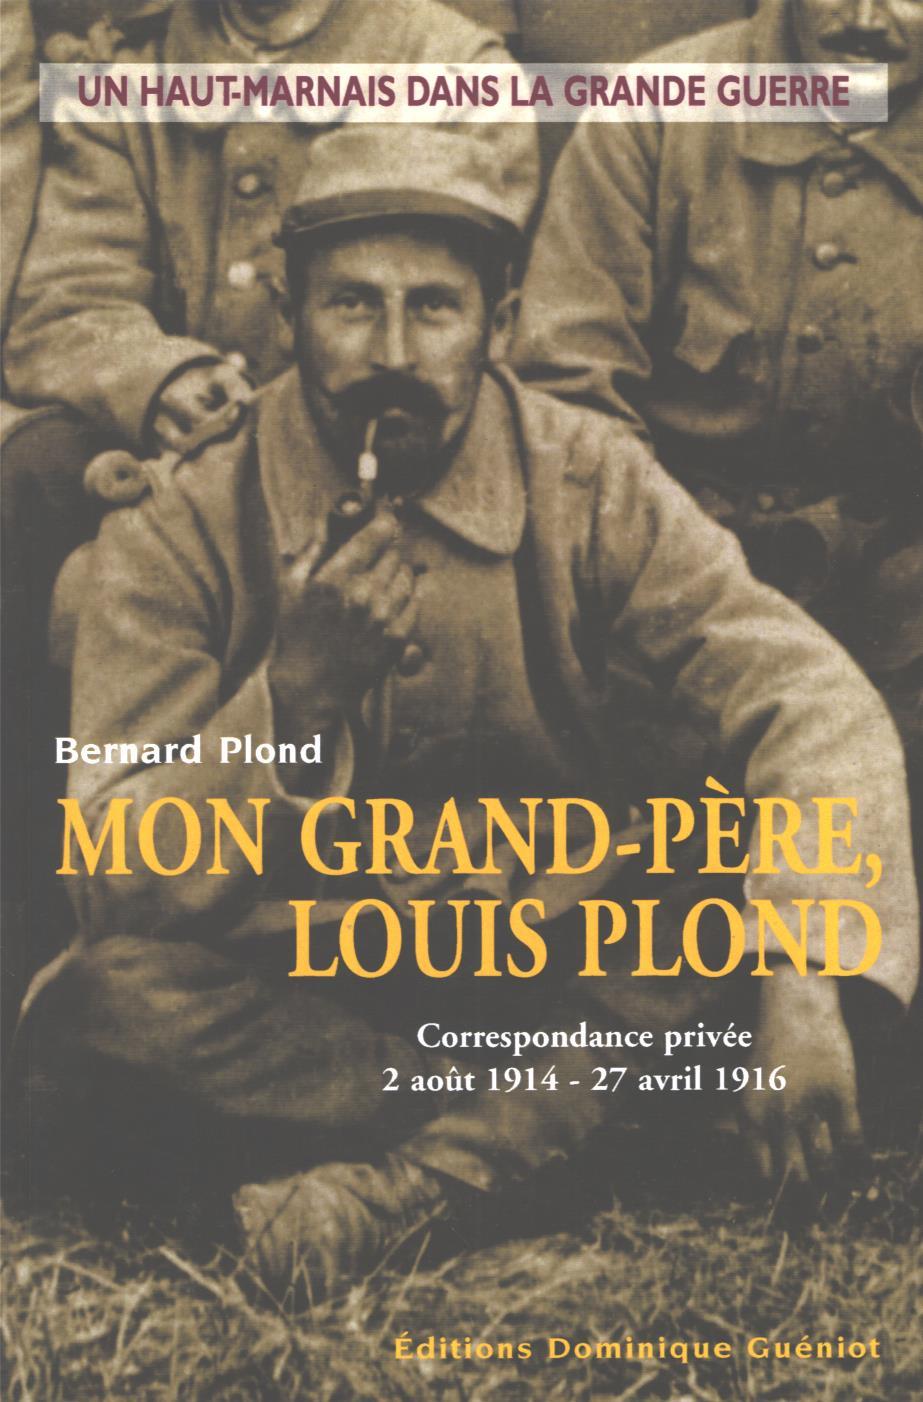 Plond, Louis (1885-1916)